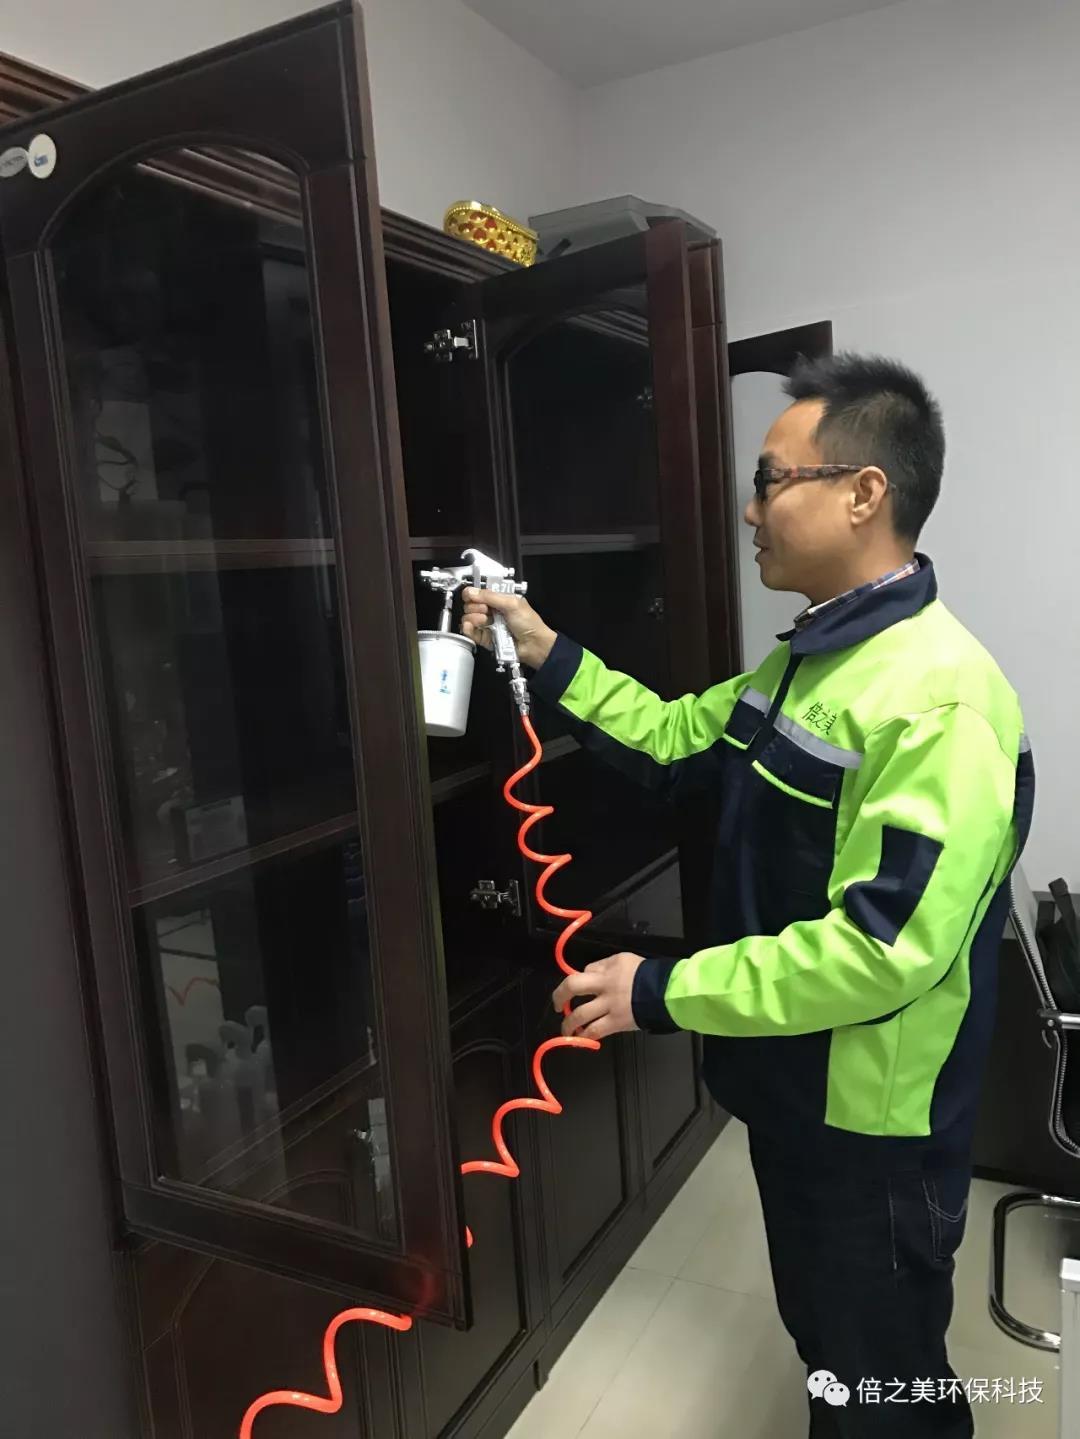 台州专业室内甲醛检测需要多少钱,室内甲醛检测